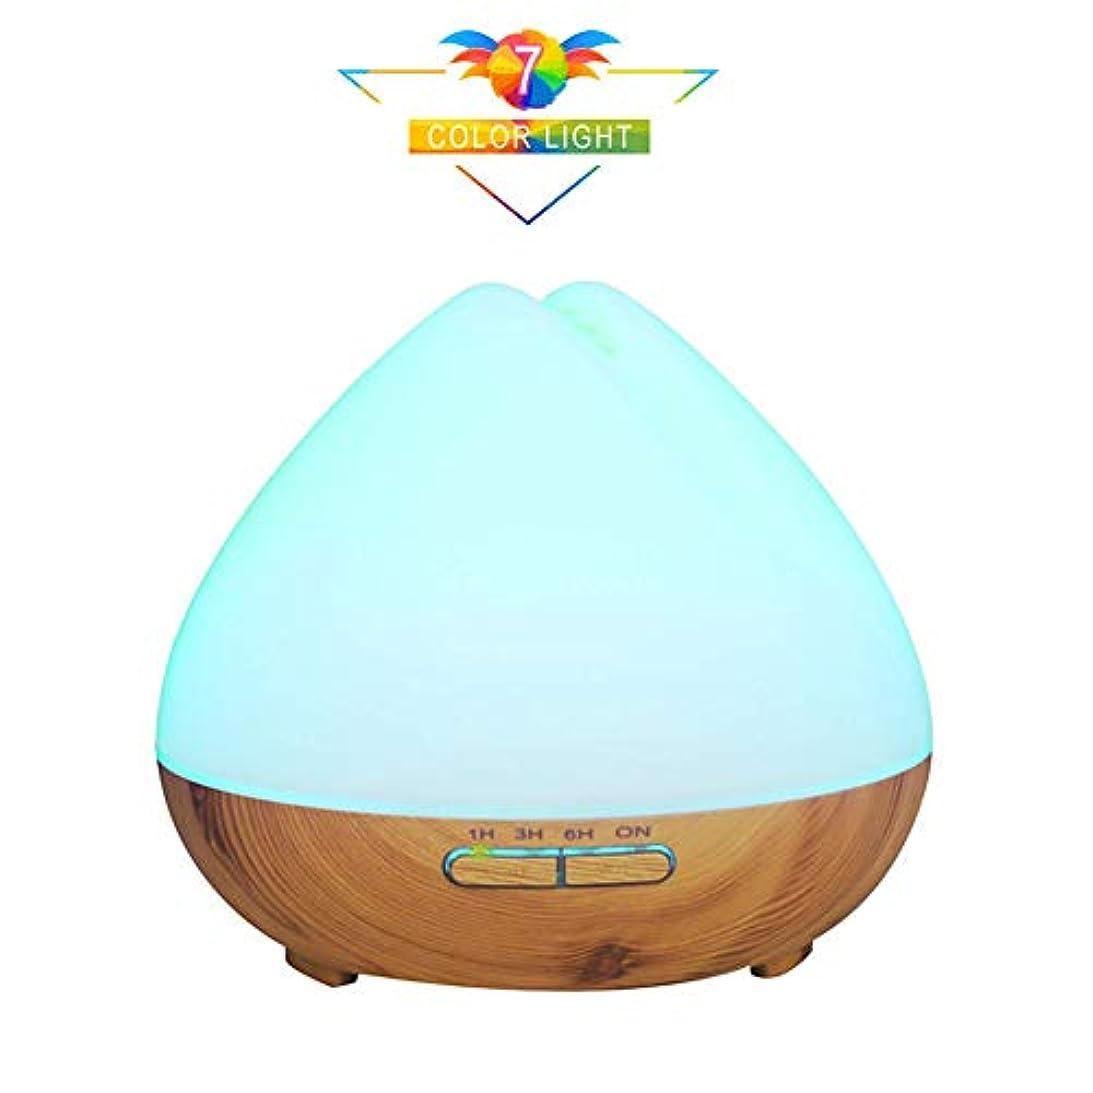 チョップ痛み効率的に400ミリリットルアロマエッセンシャルオイルディフューザー、クールミストアロマディフューザー7色を設定する4タイマーLEDライト